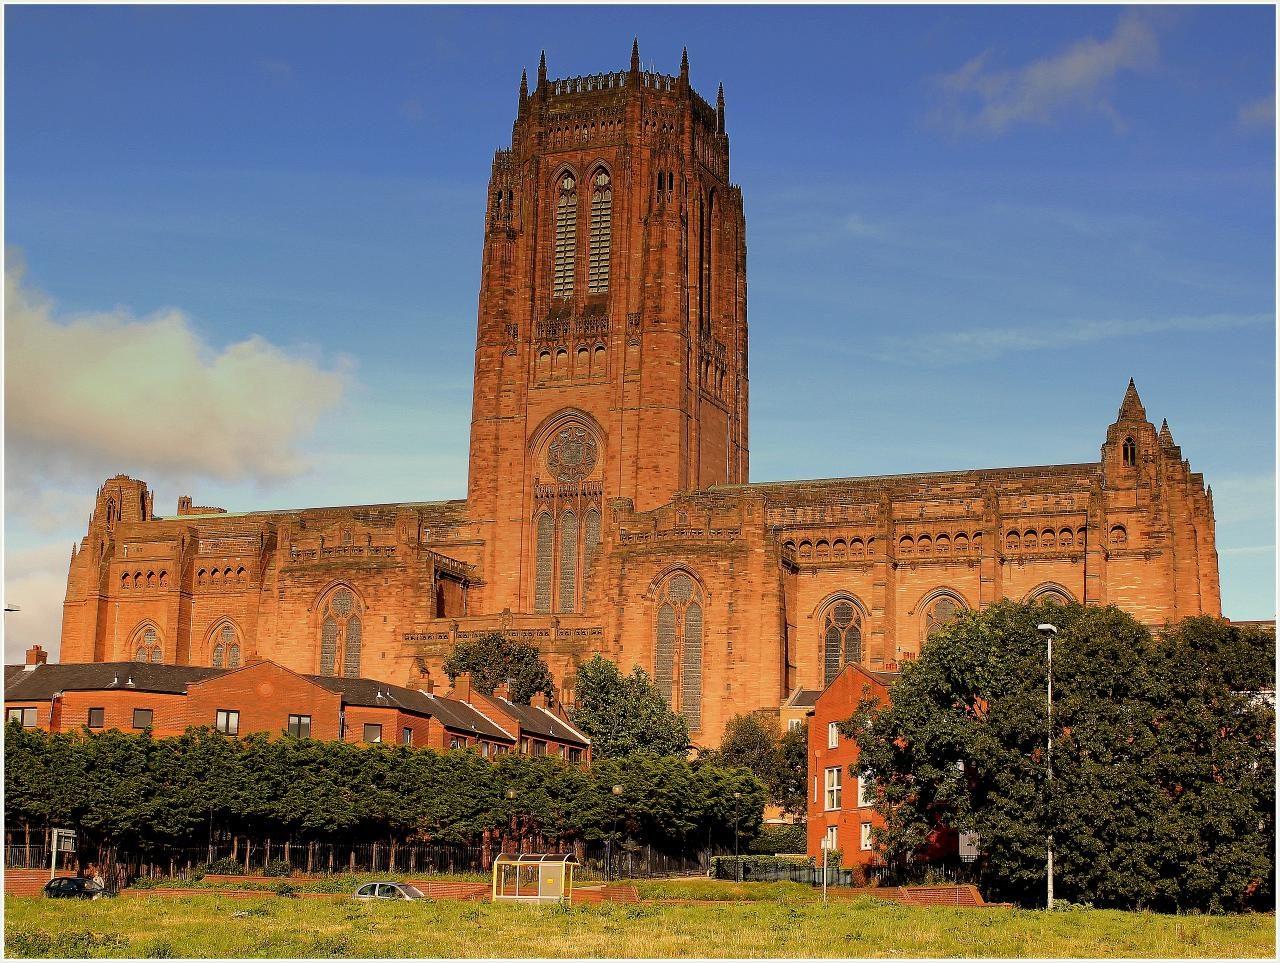 리버플 성공회 대성당(Cathedral Church of Christ in Liverpool), Image - calflier001